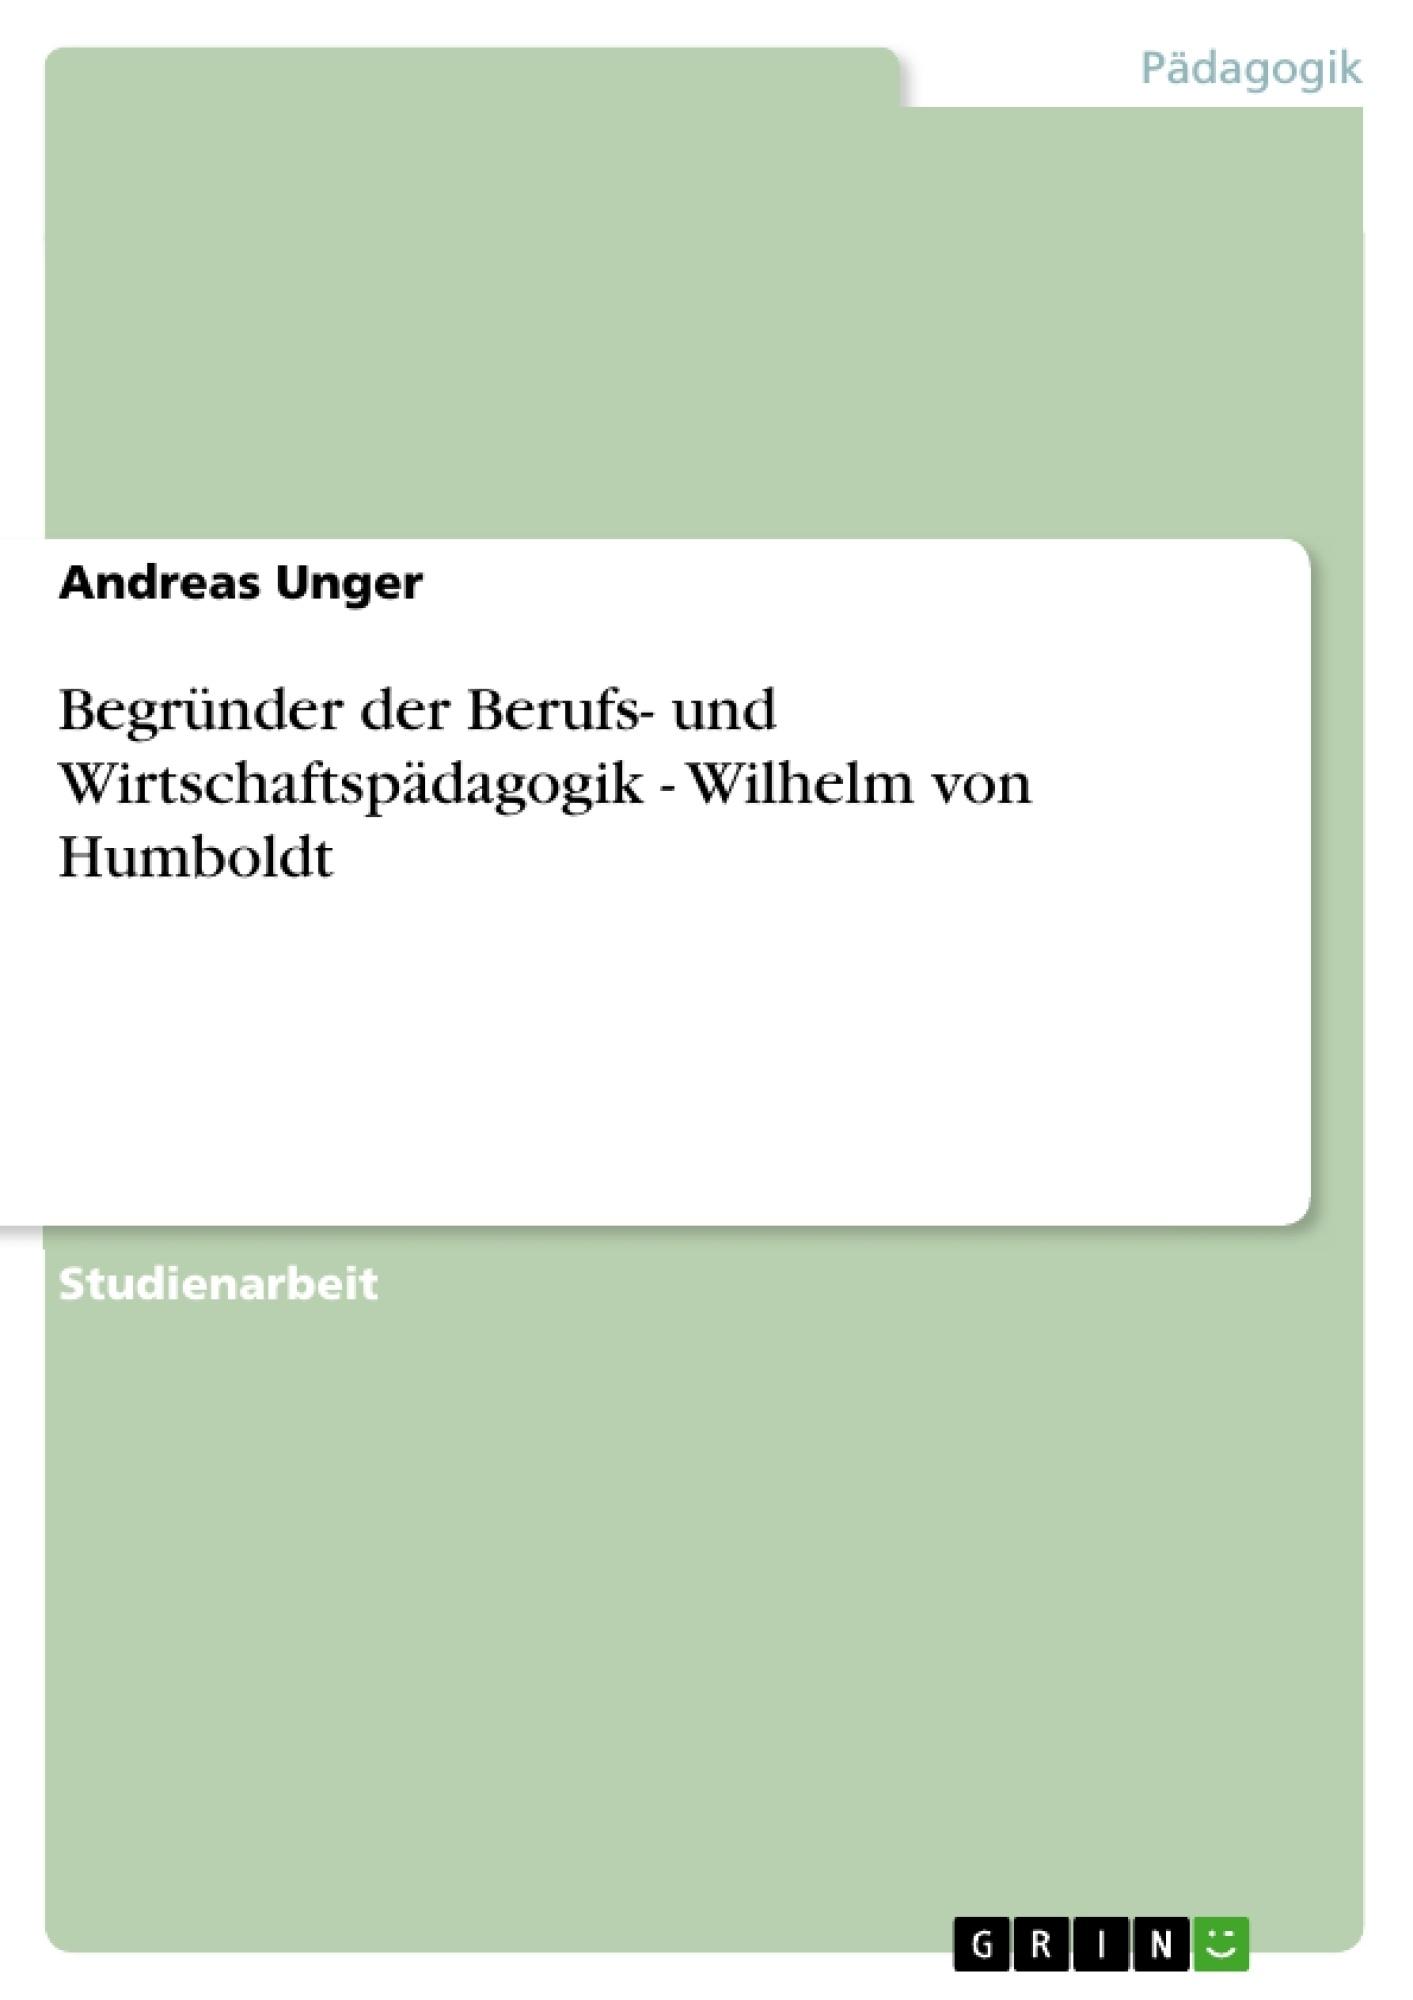 Titel: Begründer der Berufs- und Wirtschaftspädagogik - Wilhelm von Humboldt